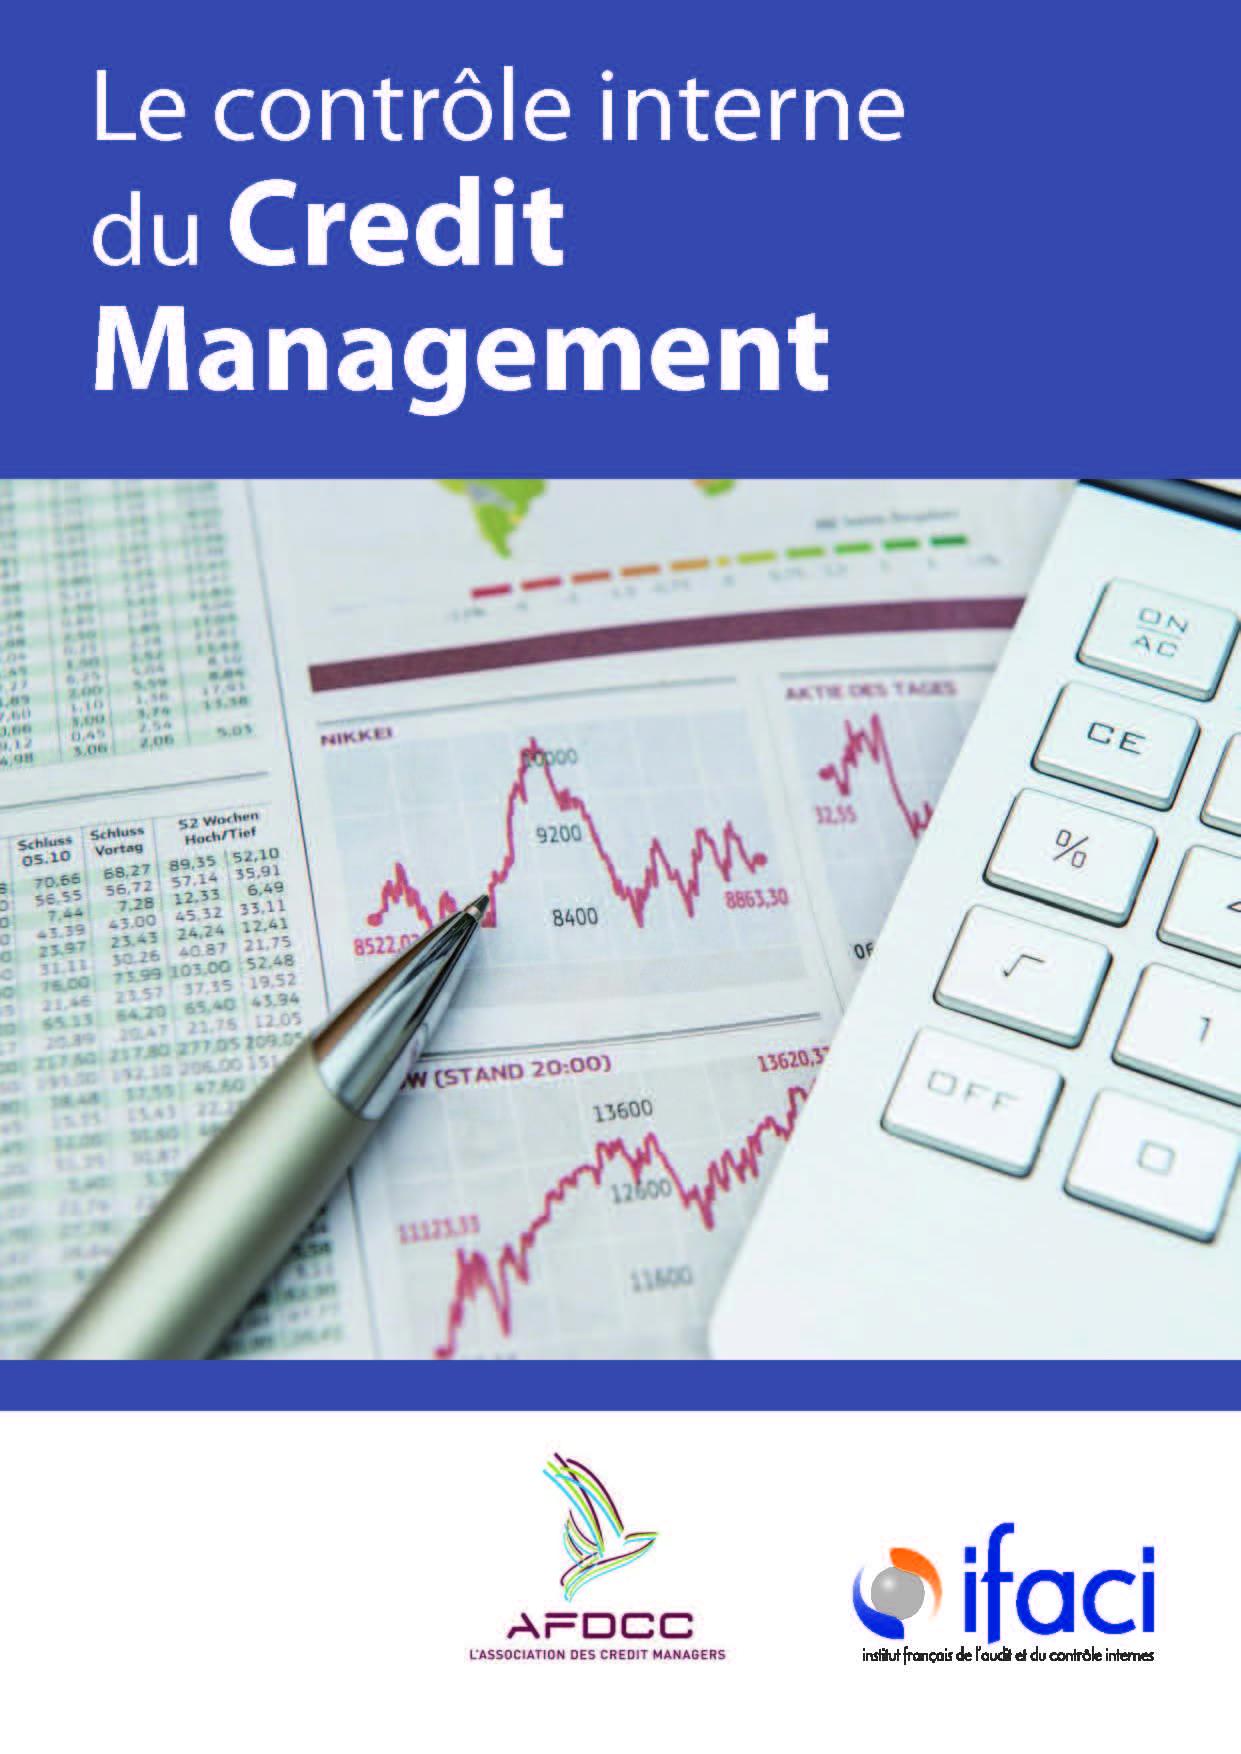 Nouvelle publication : le contrôle interne du Credit Management